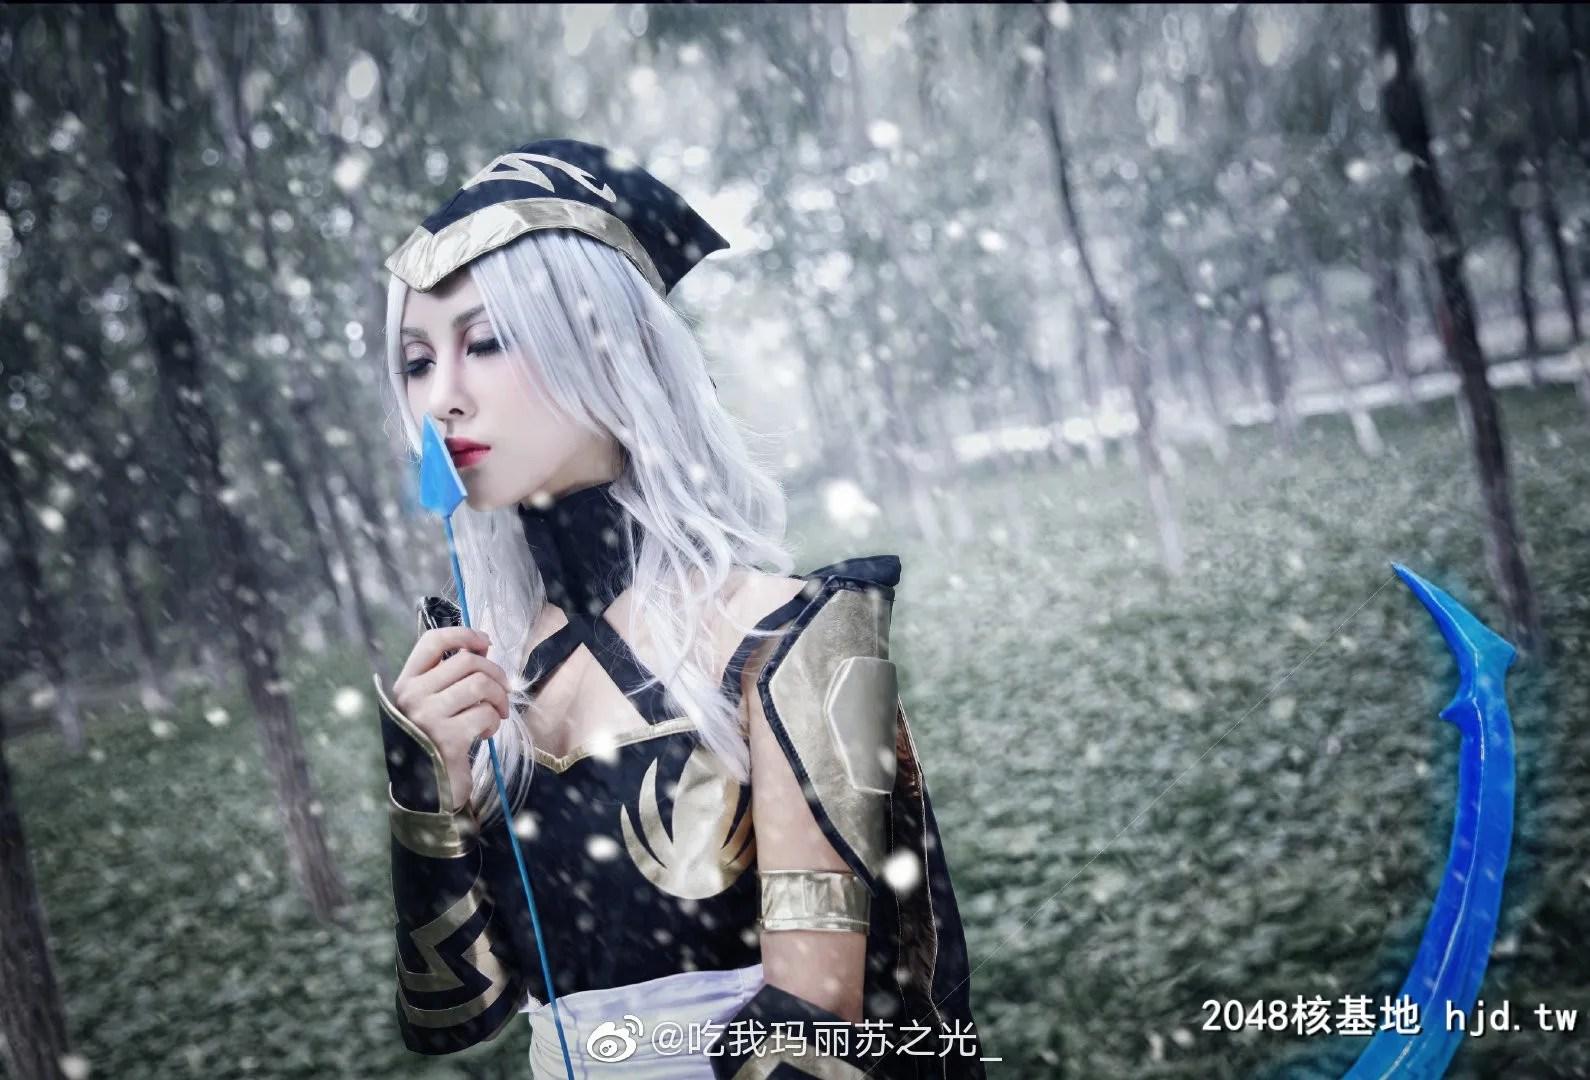 英雄联盟寒冰射手艾希@吃我玛丽苏之光_ (9P)插图(2)